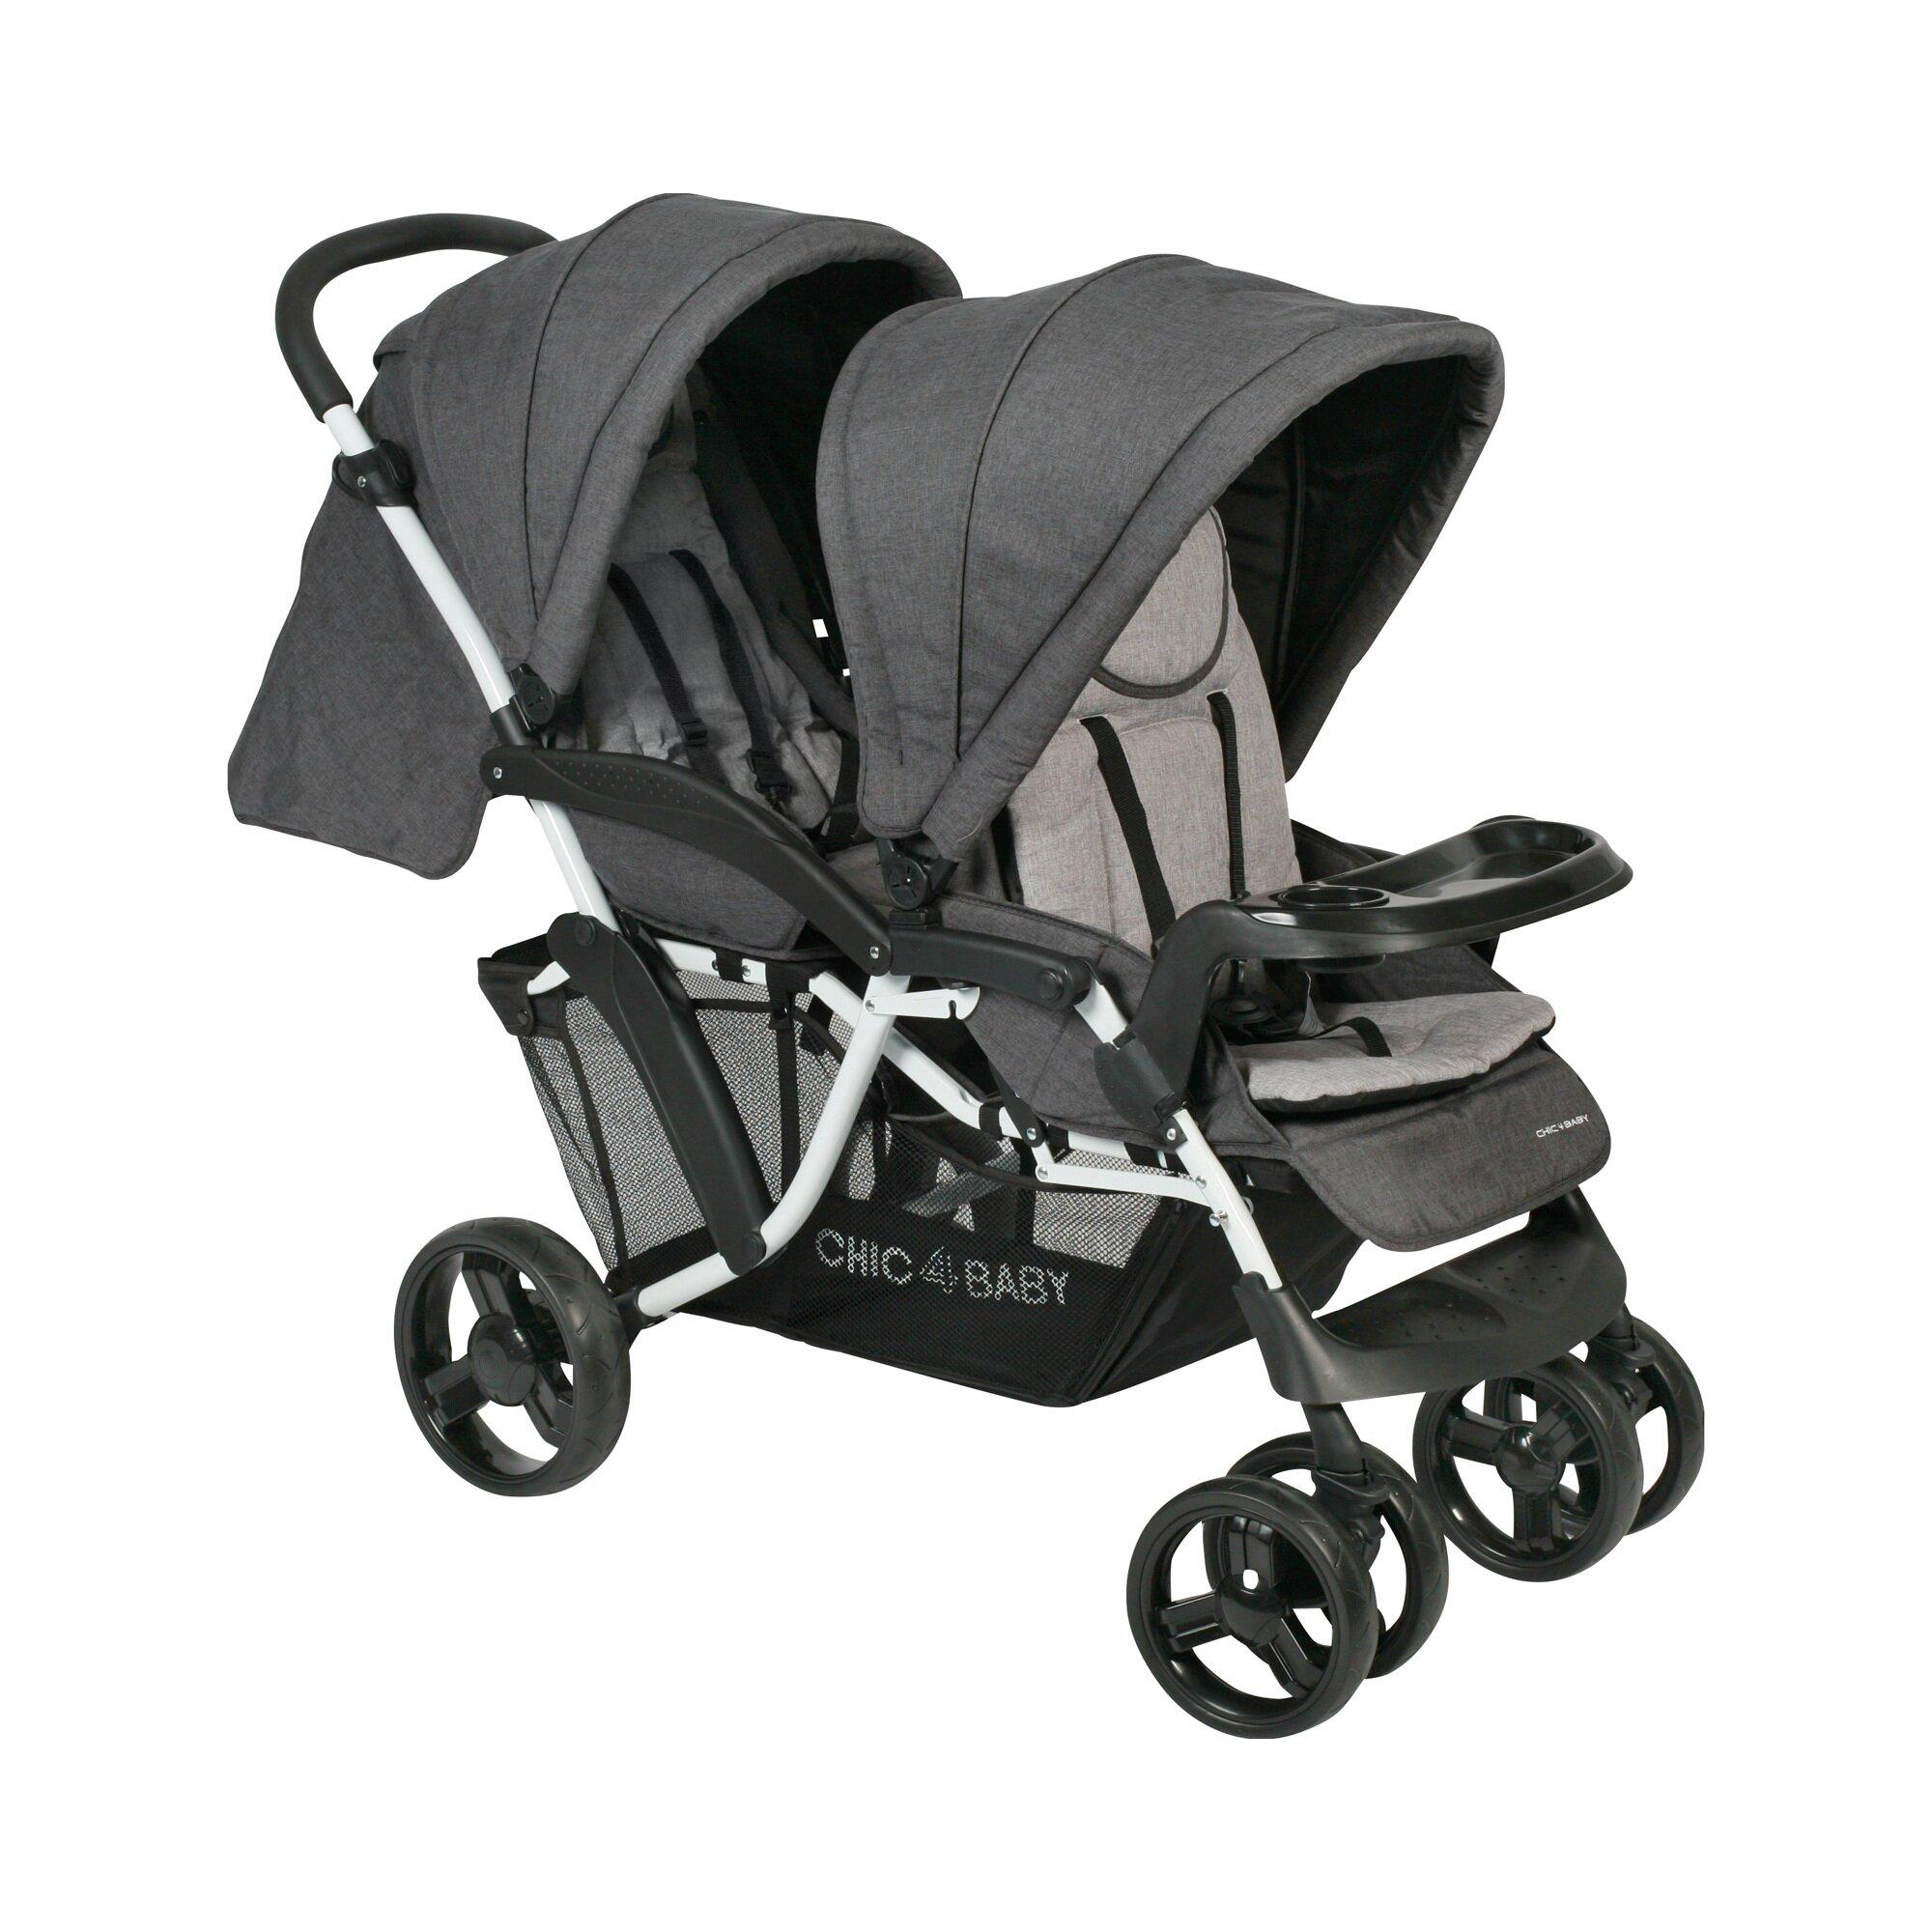 Chic 4 Baby Doppio Zwillings- und Kinderwagen Geschwisterwagen grau